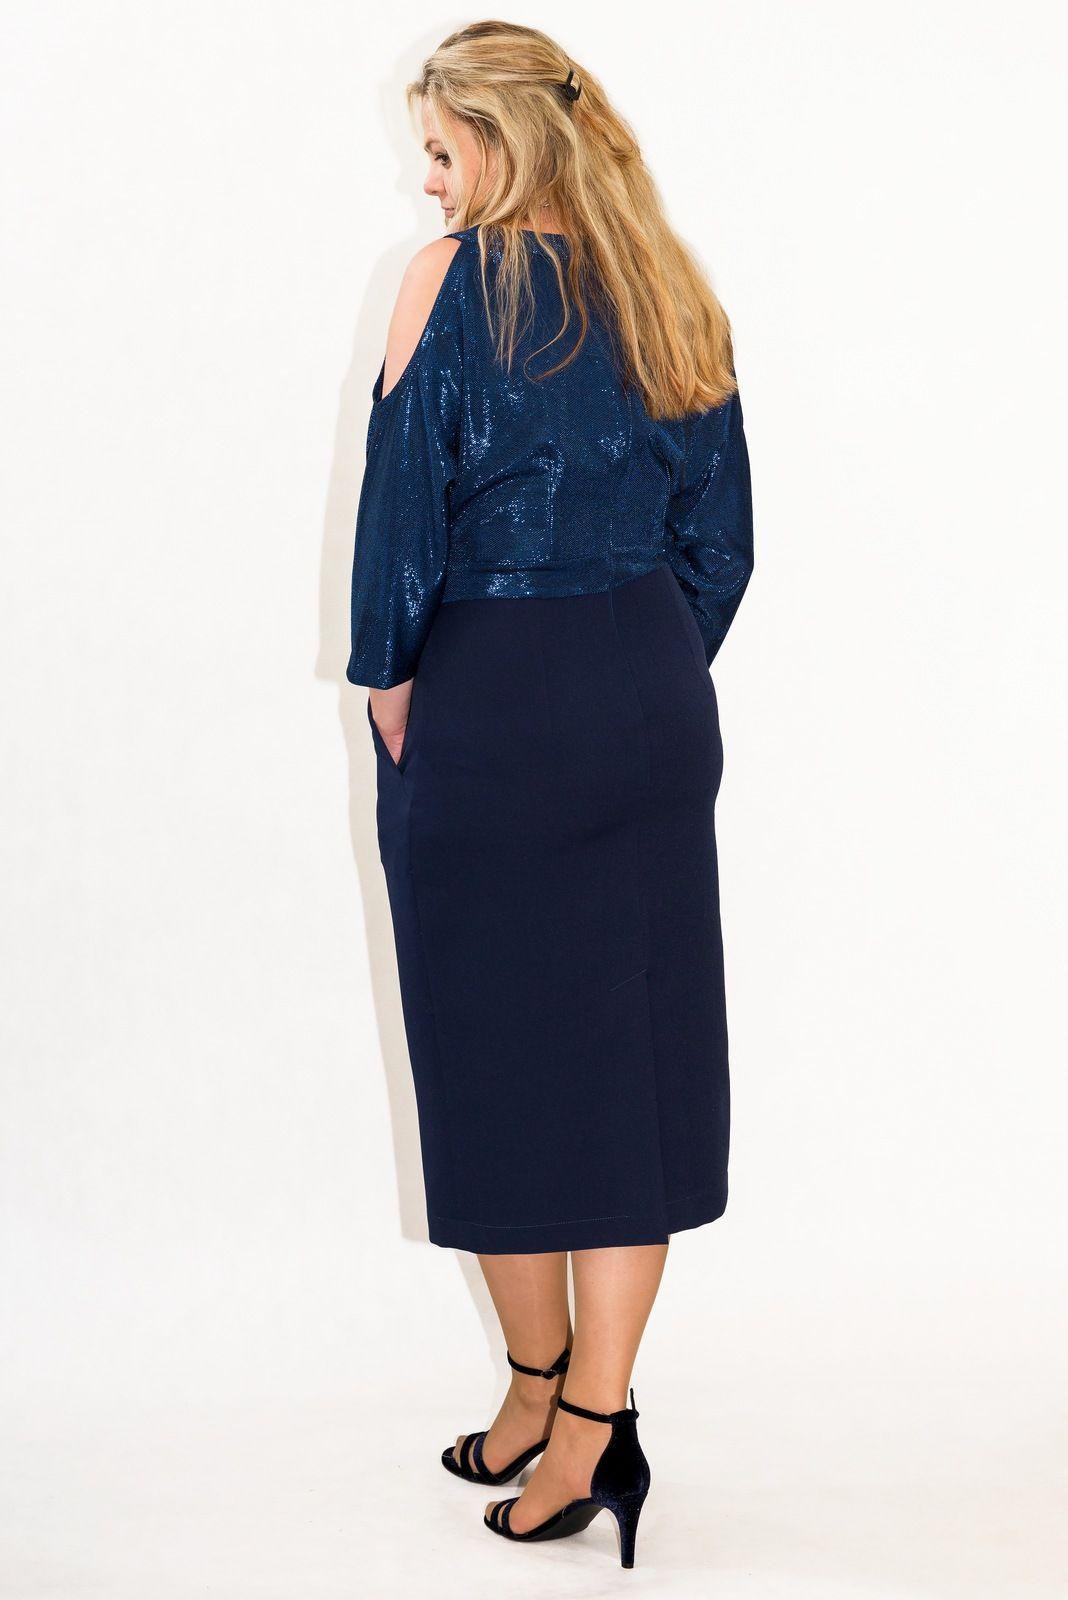 ad33d74004 ... PLUS SIZE 40-60 użytkownika XELKA - z fascynacji do kreacji.  Elegancka   sukienka MARI z kolekcji świąteczno-sylwestrowej  lt 3  lt 3